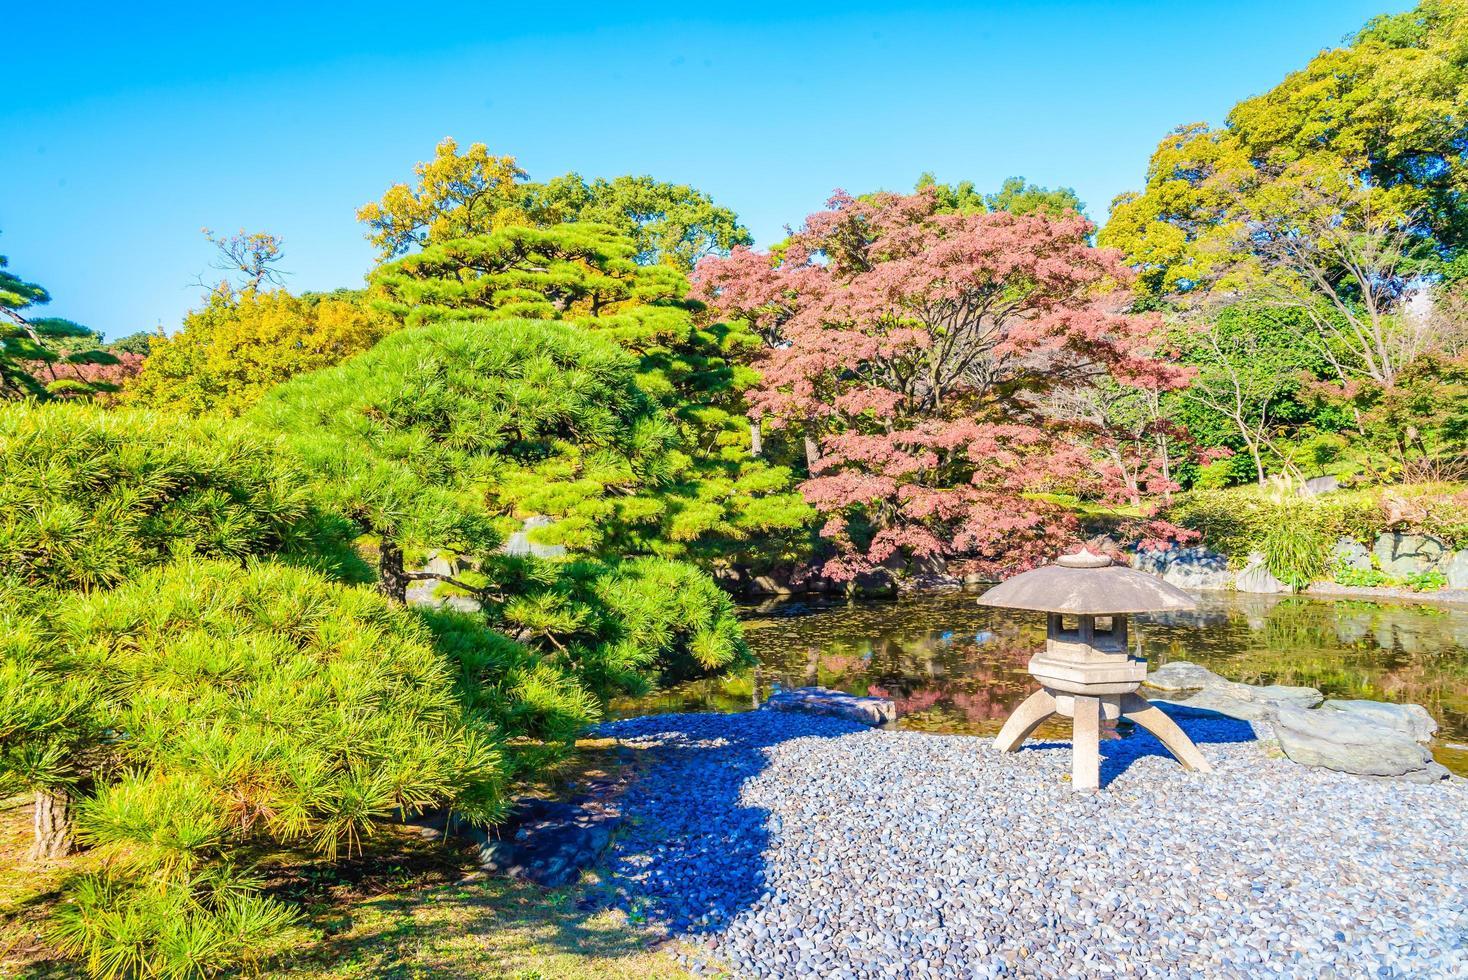 jardín del palacio imperial en la ciudad de tokio, japón foto